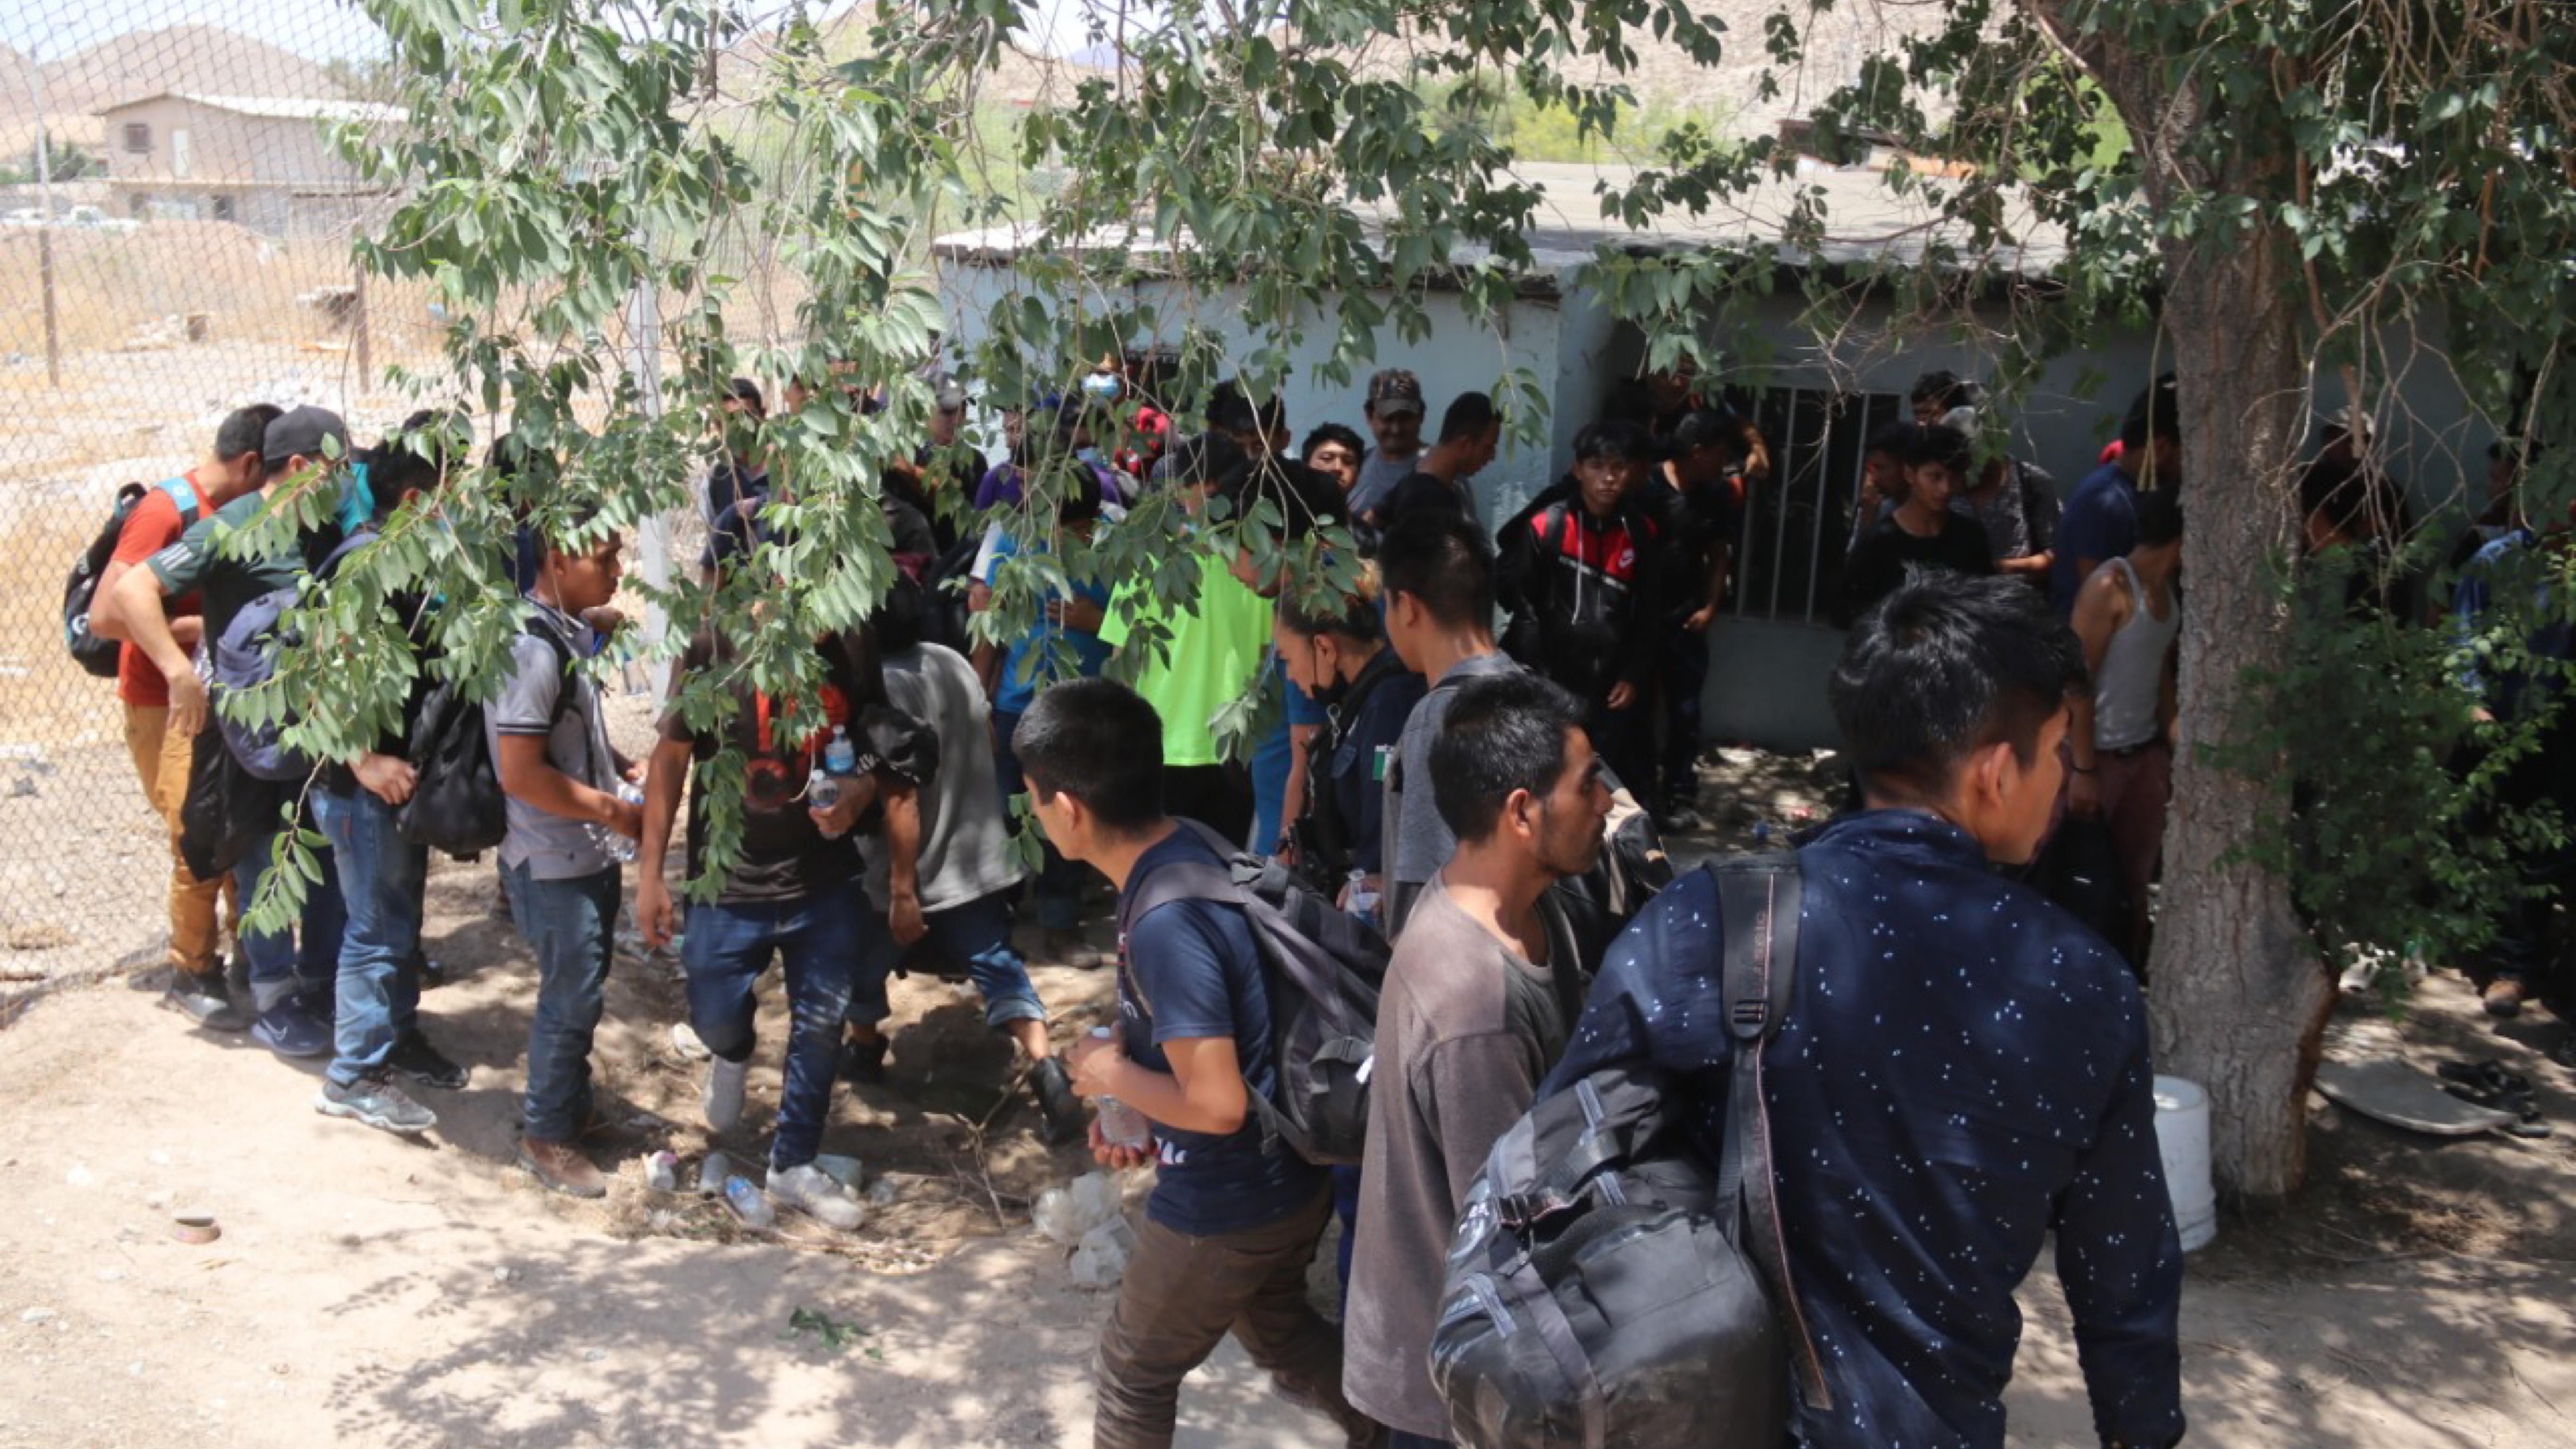 Migrantes-rescatados-en-Juarez